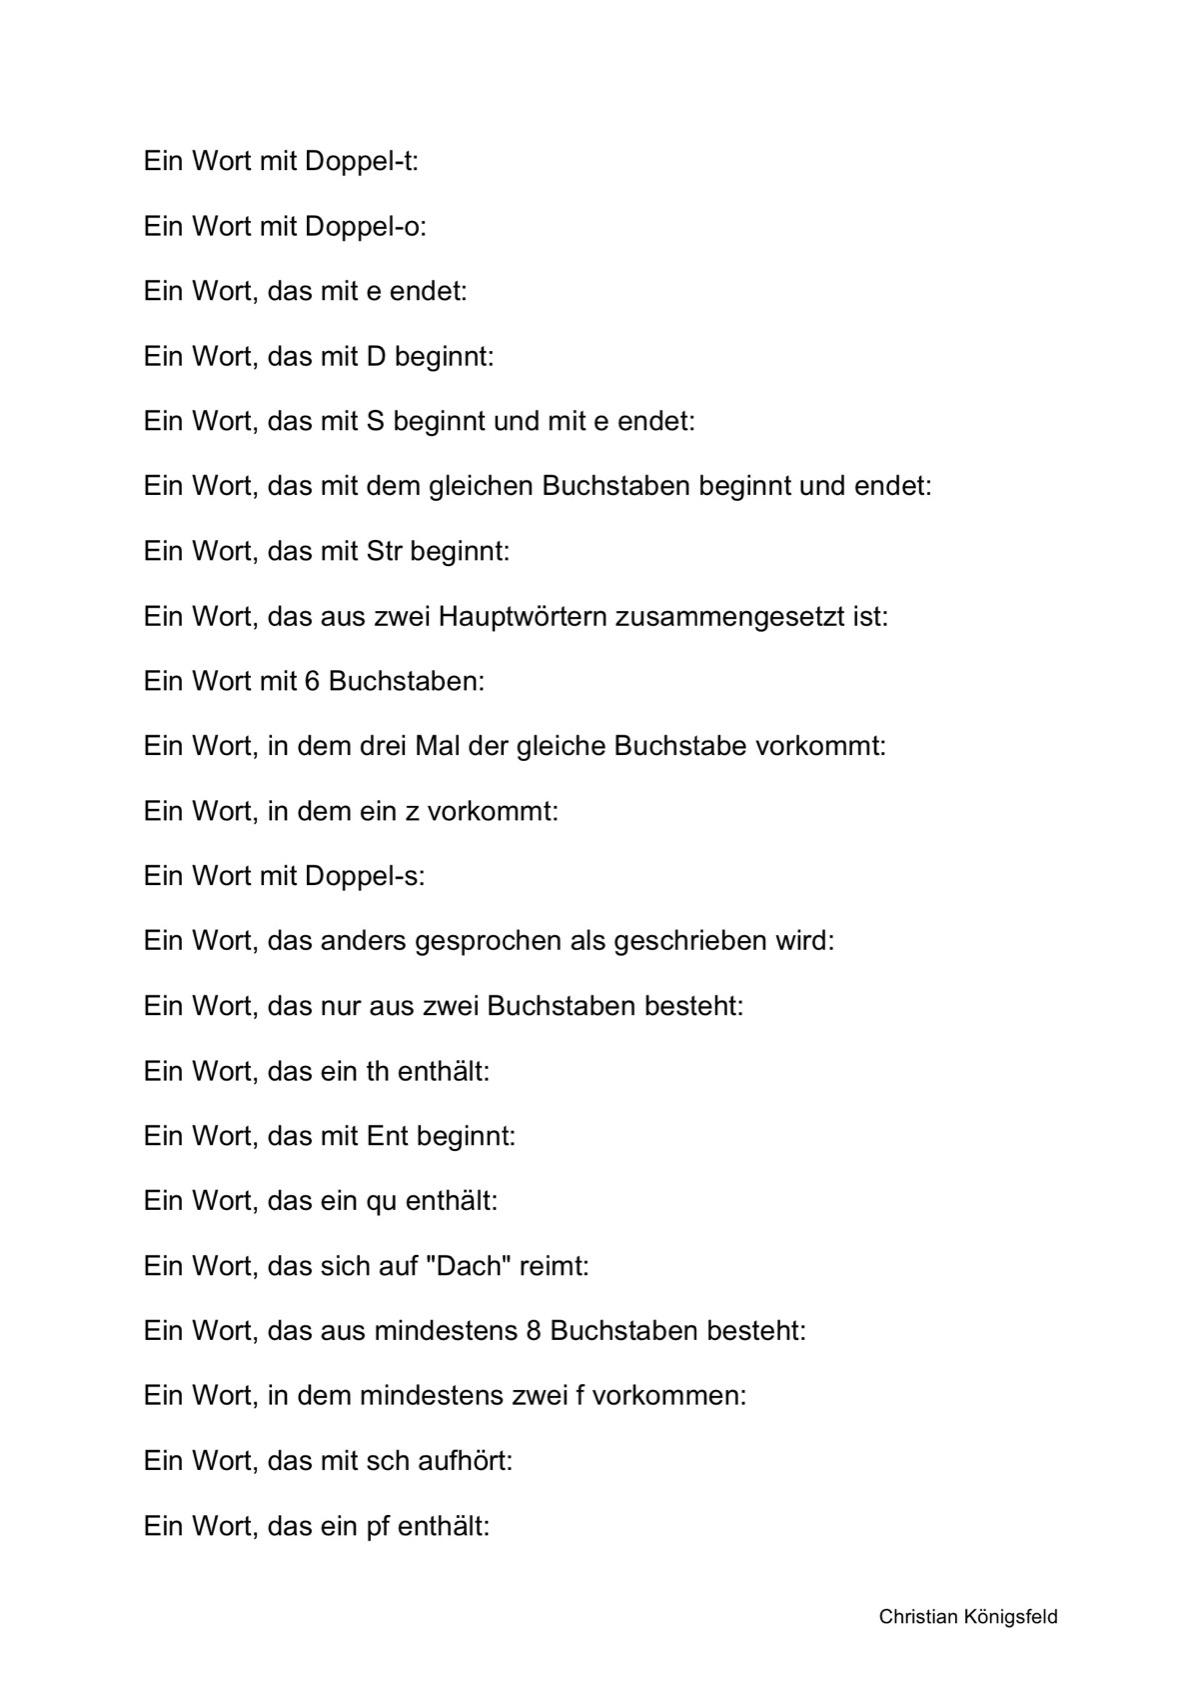 Sammlungen (Seite 2) mit Wortfindung nach formal-lexikalischen ...